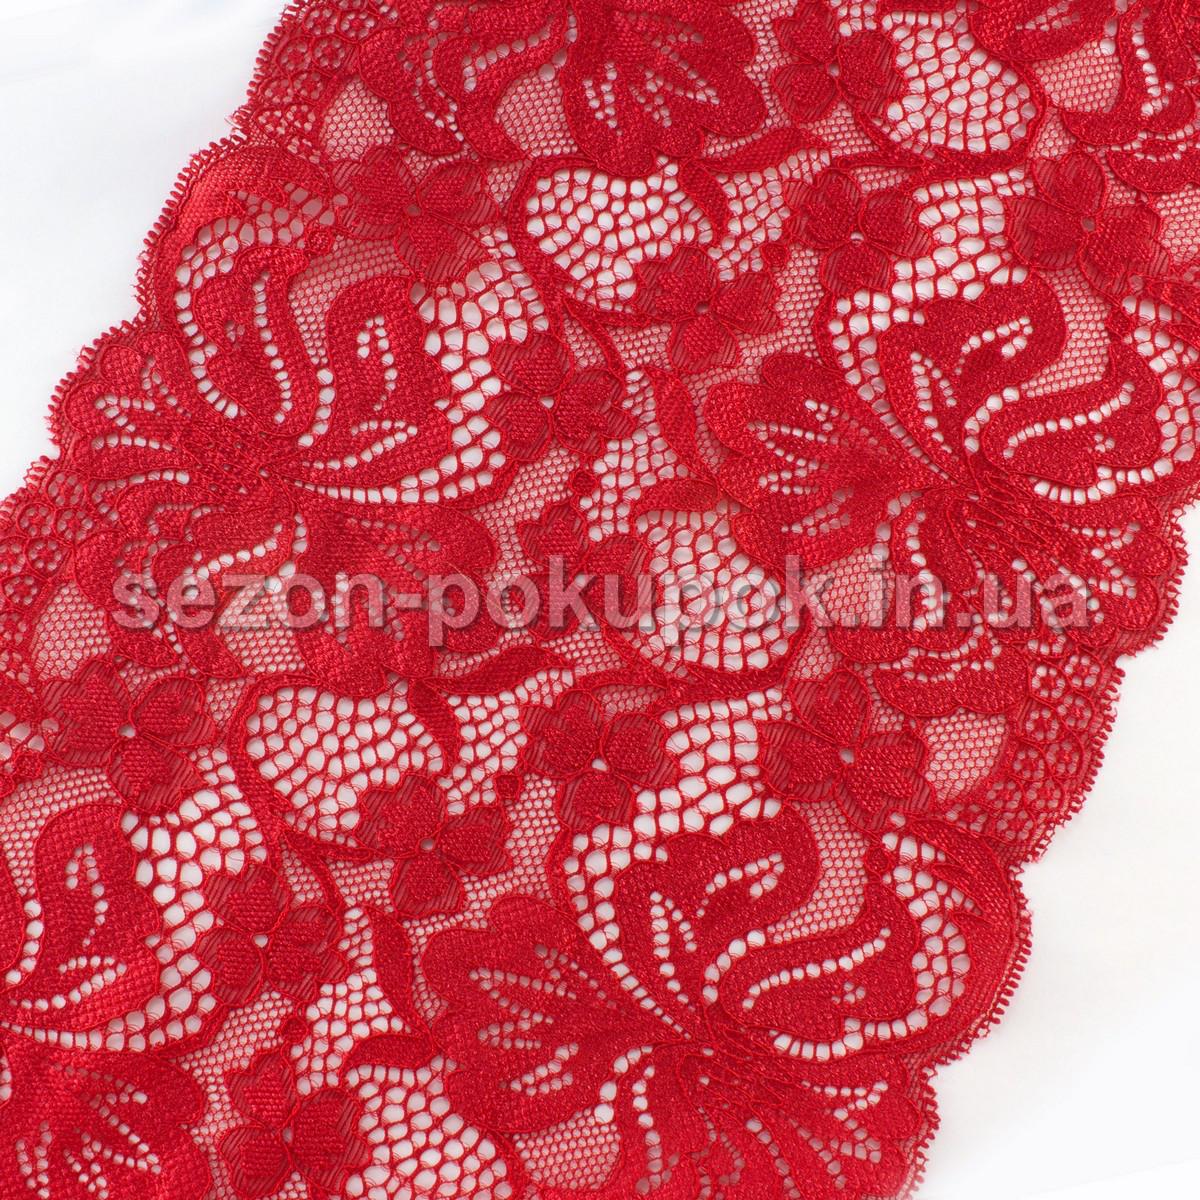 """(1м) Кружево """"Жаннет"""" 18,5см (цена за 1м) Цвет- Красный  (заказ - кратно метру)"""